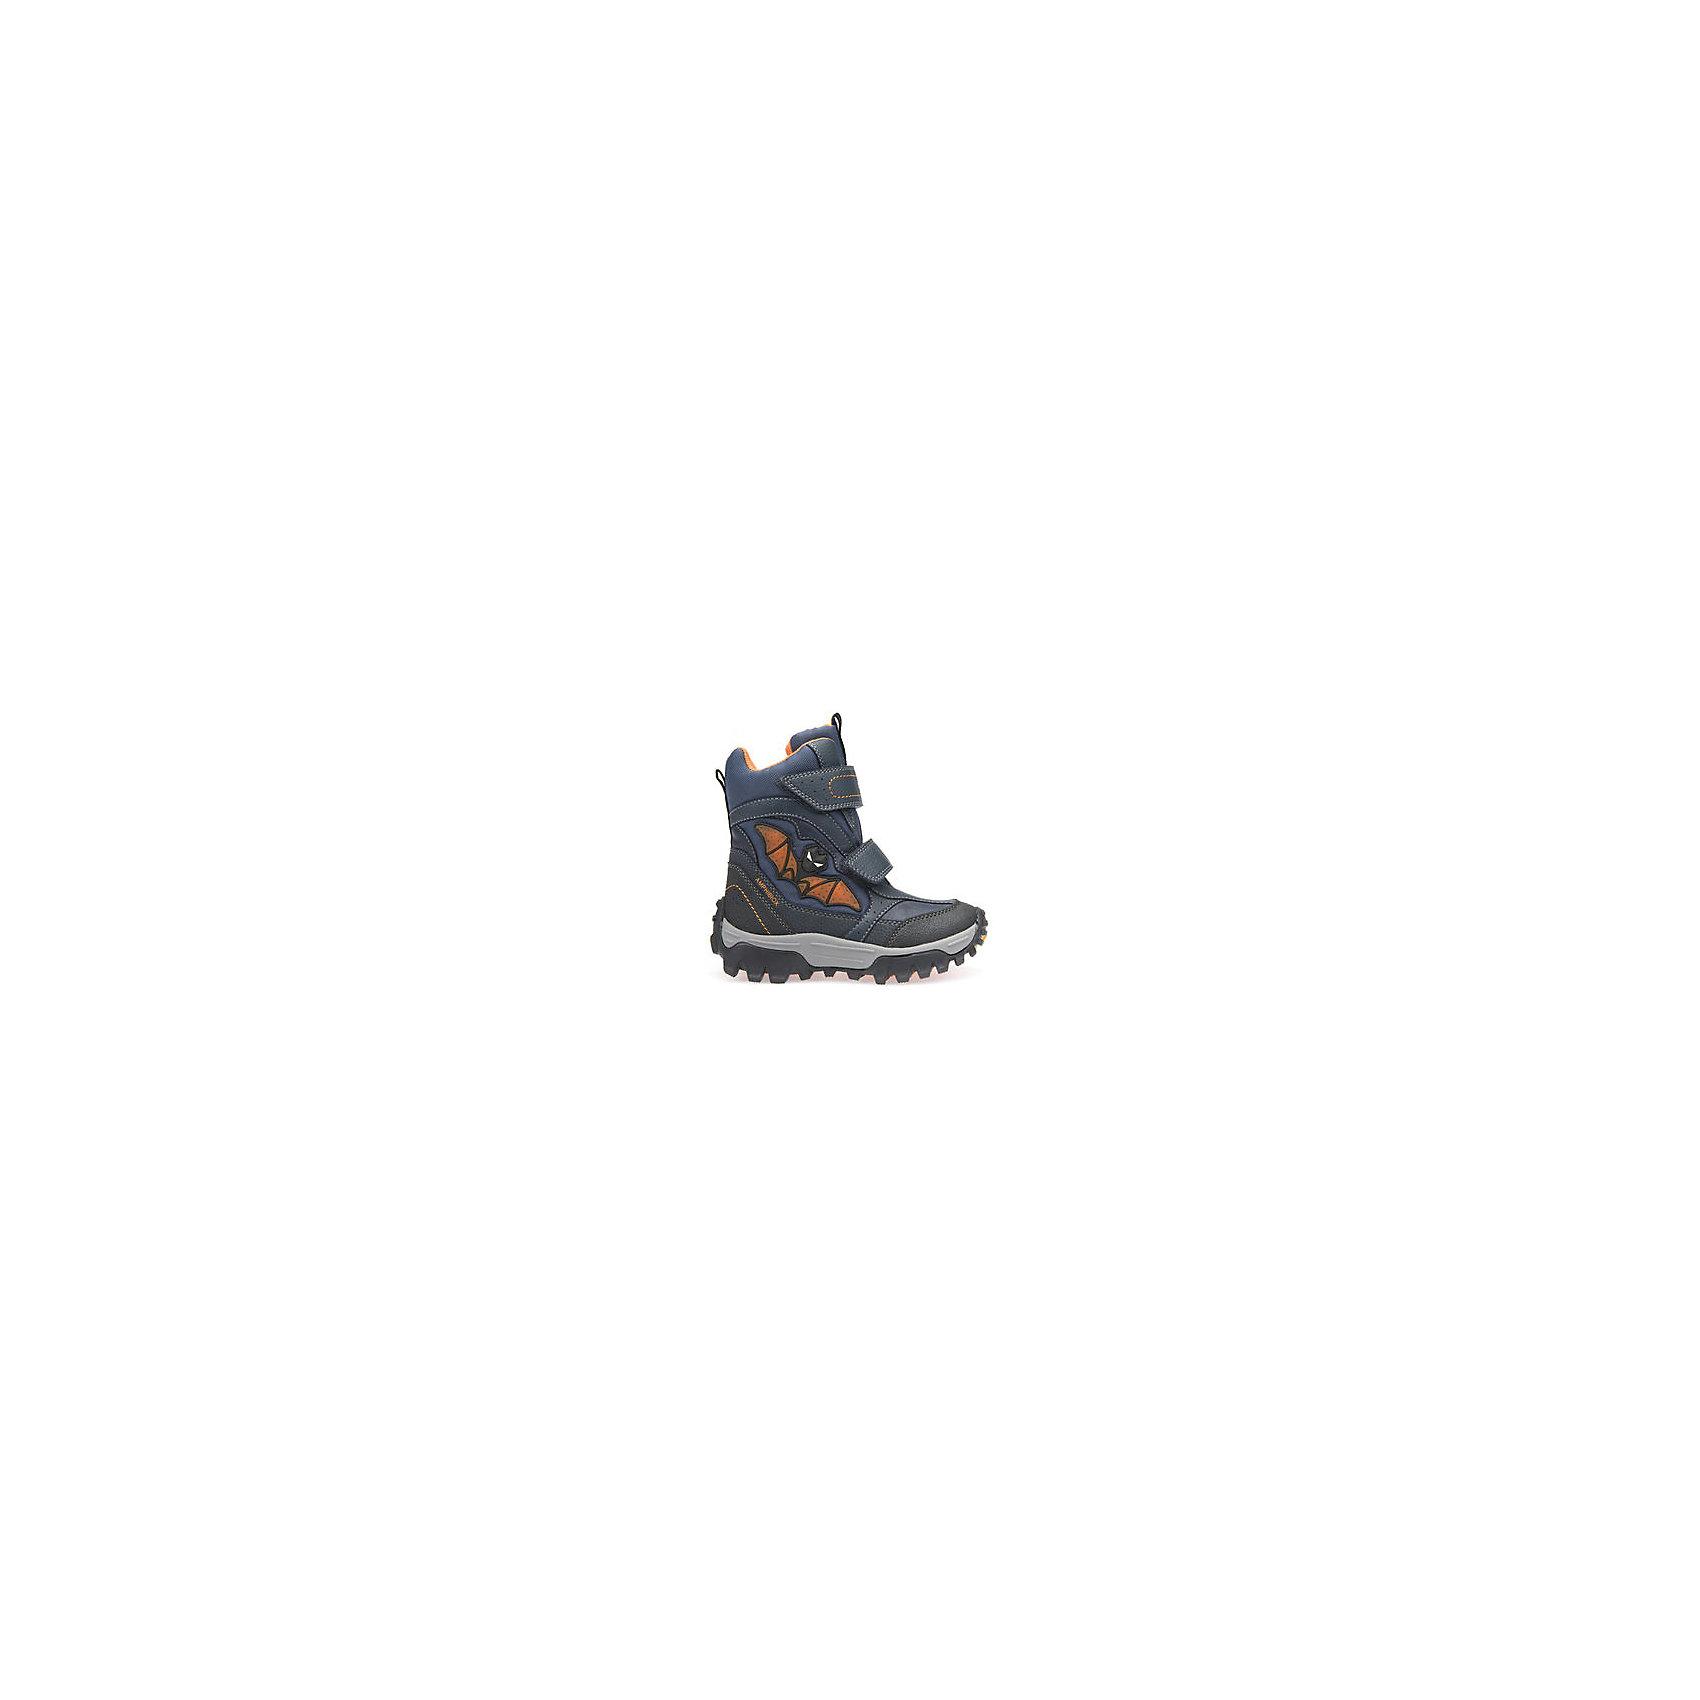 Ботинки со светодиодами для мальчика GeoxБотинки<br>Полусапожки для мальчика GEOX (ГЕОКС)<br>Полусапожки для мальчика от GEOX (ГЕОКС) выполнены из сочетания текстиля и искусственной кожи, декорированы изображением летучей мыши со встроенными светодиодами. Подкладка сшита из искусственного меха. Войлочная стелька с изоляционным алюминиевым слоем улучшается тепловое сопротивление в холодных условиях, повышая температуру внутри обуви. Влага не застаивается в обуви, благодаря чему создается идеальный микроклимат, который держит ноги теплыми и сухими, и позволяет им дышать естественно. Колодка соответствует анатомическим особенностям строения детской стопы. Качественная амортизация снижает нагрузку на суставы. Запатентованная гибкая перфорированная подошва со специальной микропористой мембраной обеспечивает естественное дыхание обуви, не пропускает воду, не скользит. Модель имеет усиленный мыс и пятку. Застежки-липучки облегчают снимание и надевание обуви и надежно фиксируют ее на ногах.<br><br>Дополнительная информация:<br><br>- Сезон: зима<br>- Цвет: синий<br>- Вид застежки: липучки<br>- Материал верха: искусственная кожа, текстиль<br>- Материал подкладки: искусственный мех<br>- Материал стельки: текстиль<br>- Материал подошвы: резина<br>- Высота голенища/задника: 12 см.<br>- Высота подошвы: 1 см.<br>- Высота каблука: 1 см.<br>- Технология Amphibiox<br>- Материалы и продукция прошли специальную проверку T?V S?D, на отсутствие веществ, опасных для здоровья покупателей<br><br>Полусапожки для мальчика GEOX (ГЕОКС) можно купить в нашем интернет-магазине.<br><br>Ширина мм: 257<br>Глубина мм: 180<br>Высота мм: 130<br>Вес г: 420<br>Цвет: синий<br>Возраст от месяцев: 72<br>Возраст до месяцев: 84<br>Пол: Мужской<br>Возраст: Детский<br>Размер: 30,31,30,29,28,27,26,28<br>SKU: 4812183